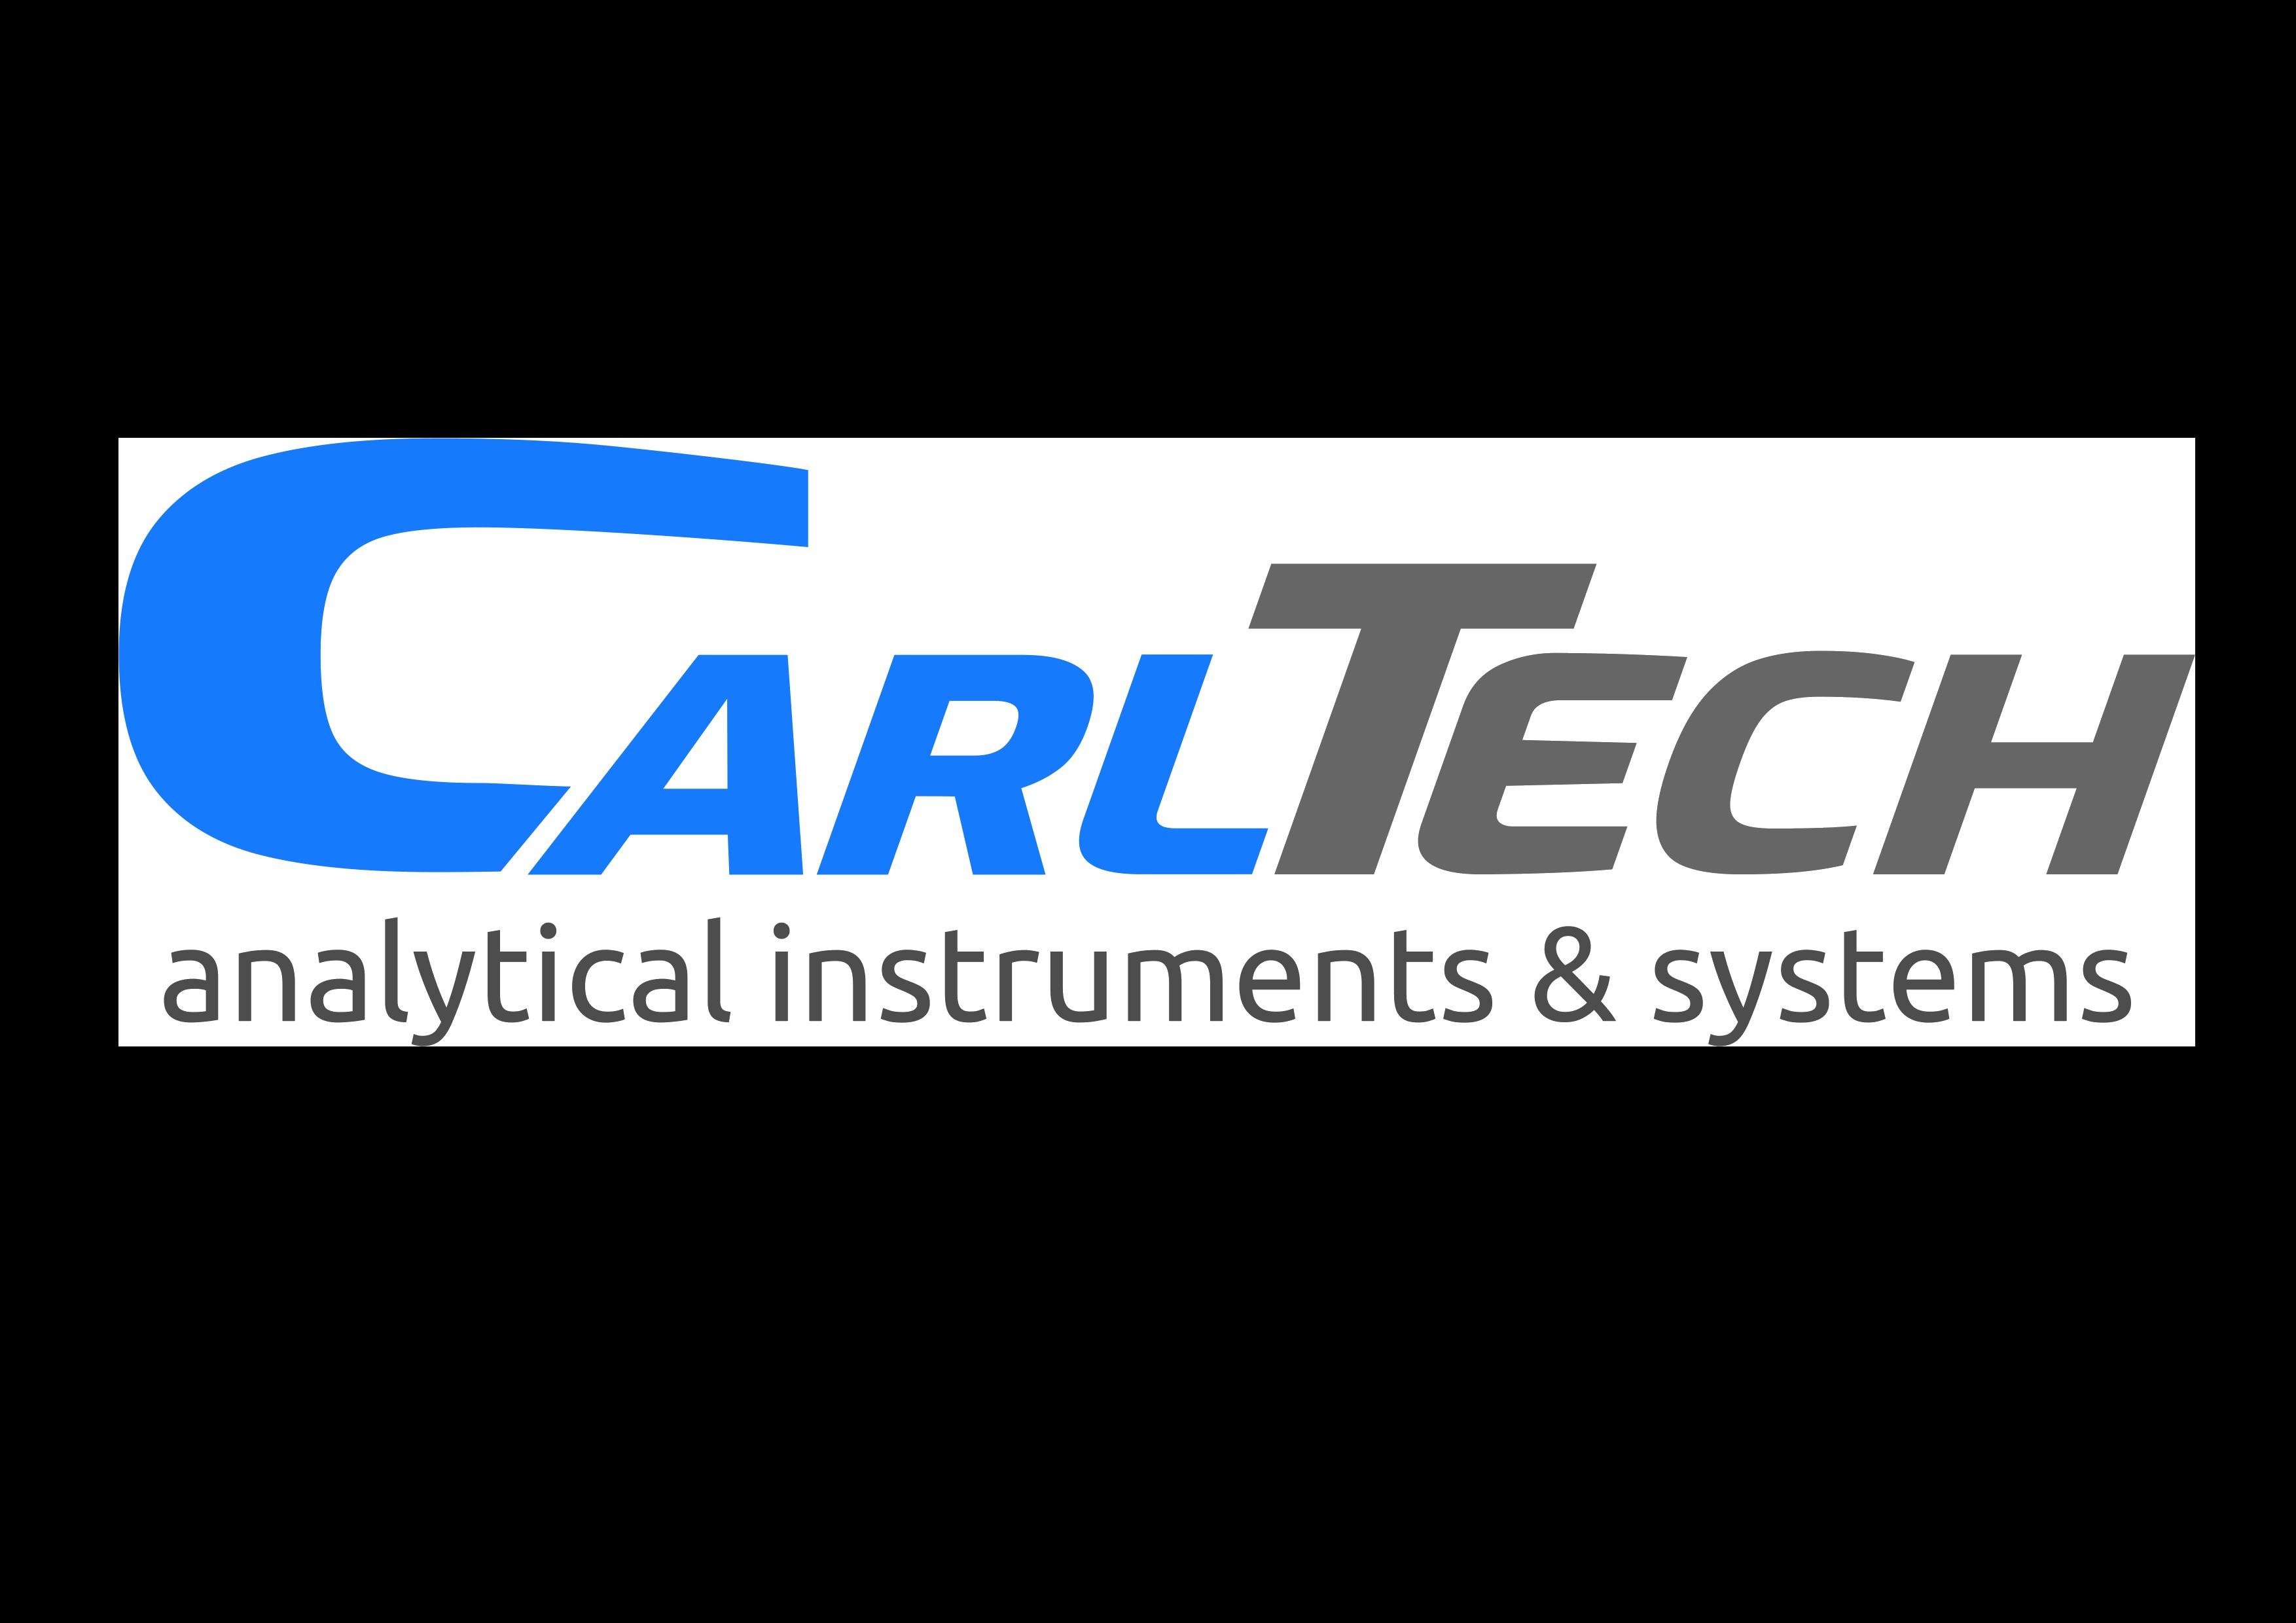 Carltech